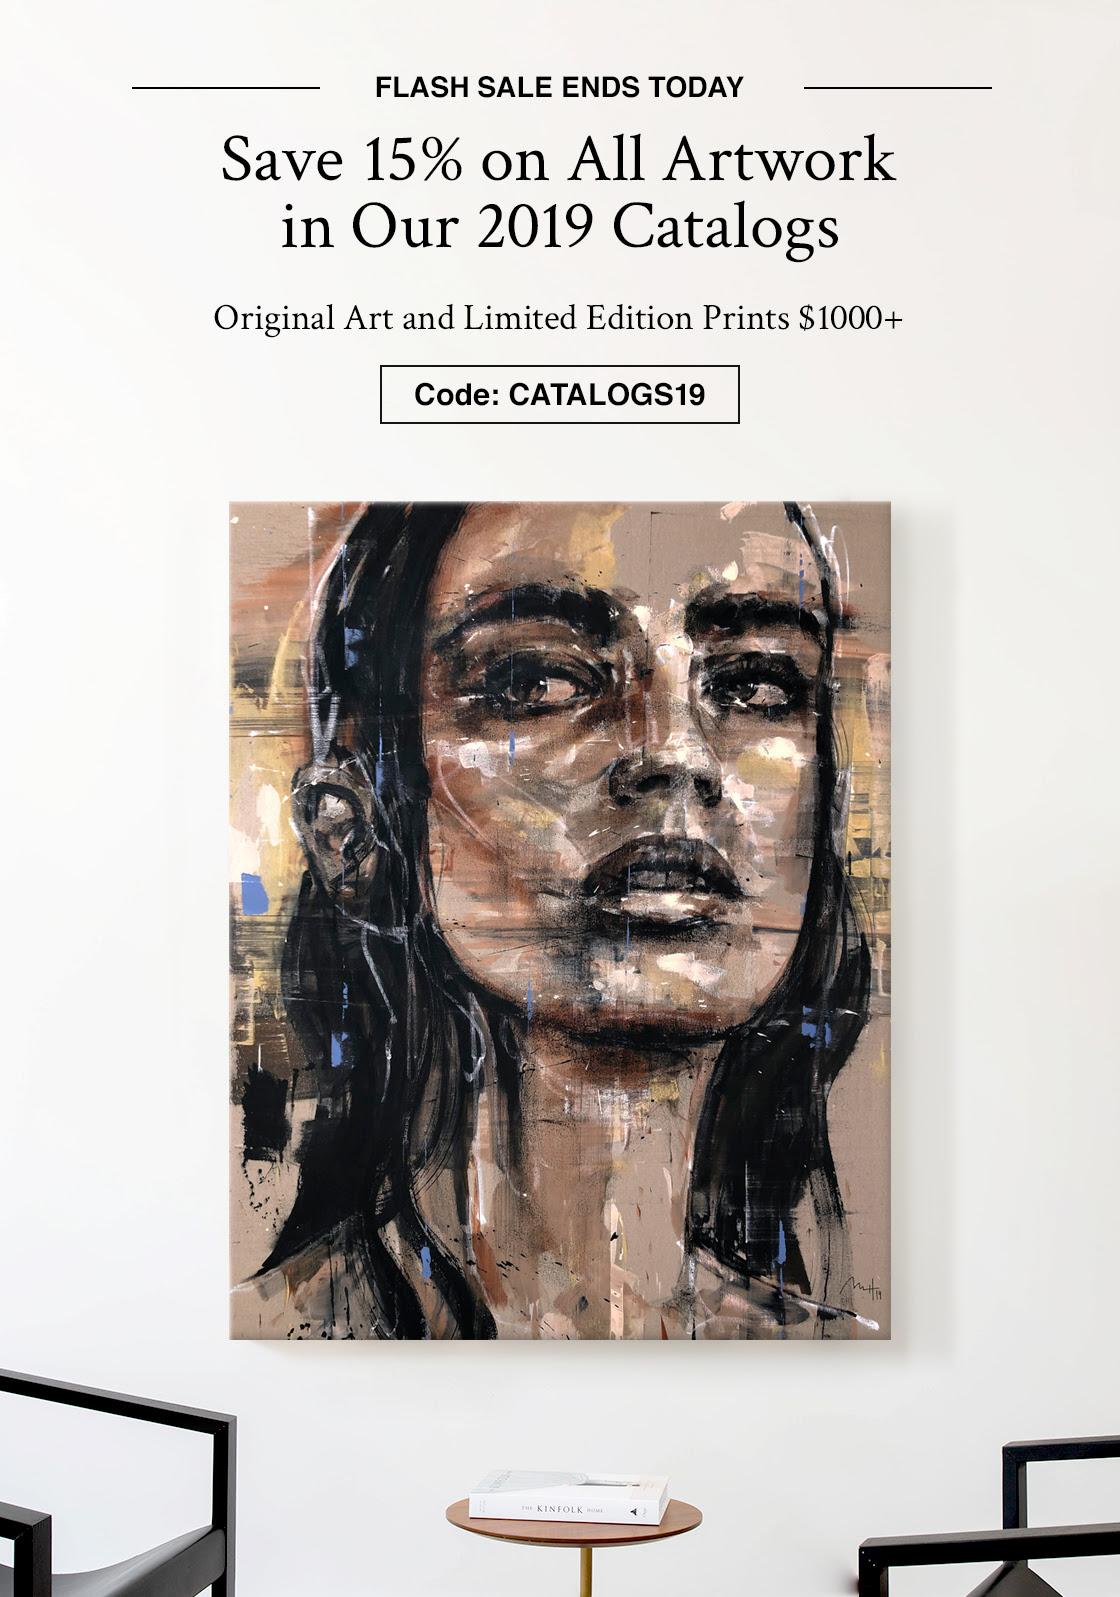 FLASH VENDA TERMINA AMANHÃ    Economize 15% em todas as obras de arte em nossos catálogos de 2019 Arte original e edição limitada imprime $ 1000+    Código: CATÁLOGO19